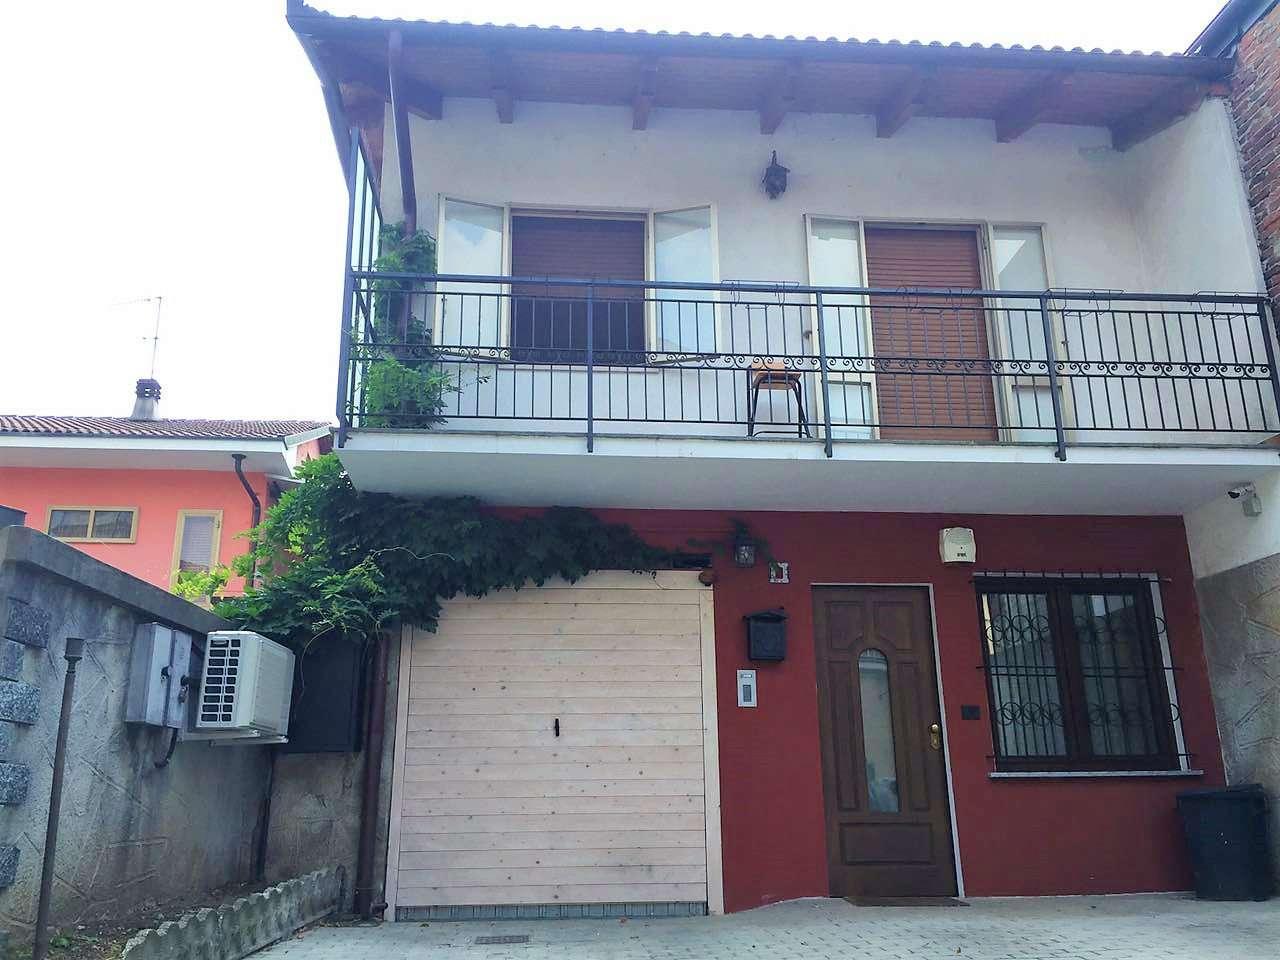 Soluzione Indipendente in vendita a Candiolo, 4 locali, prezzo € 190.000 | CambioCasa.it